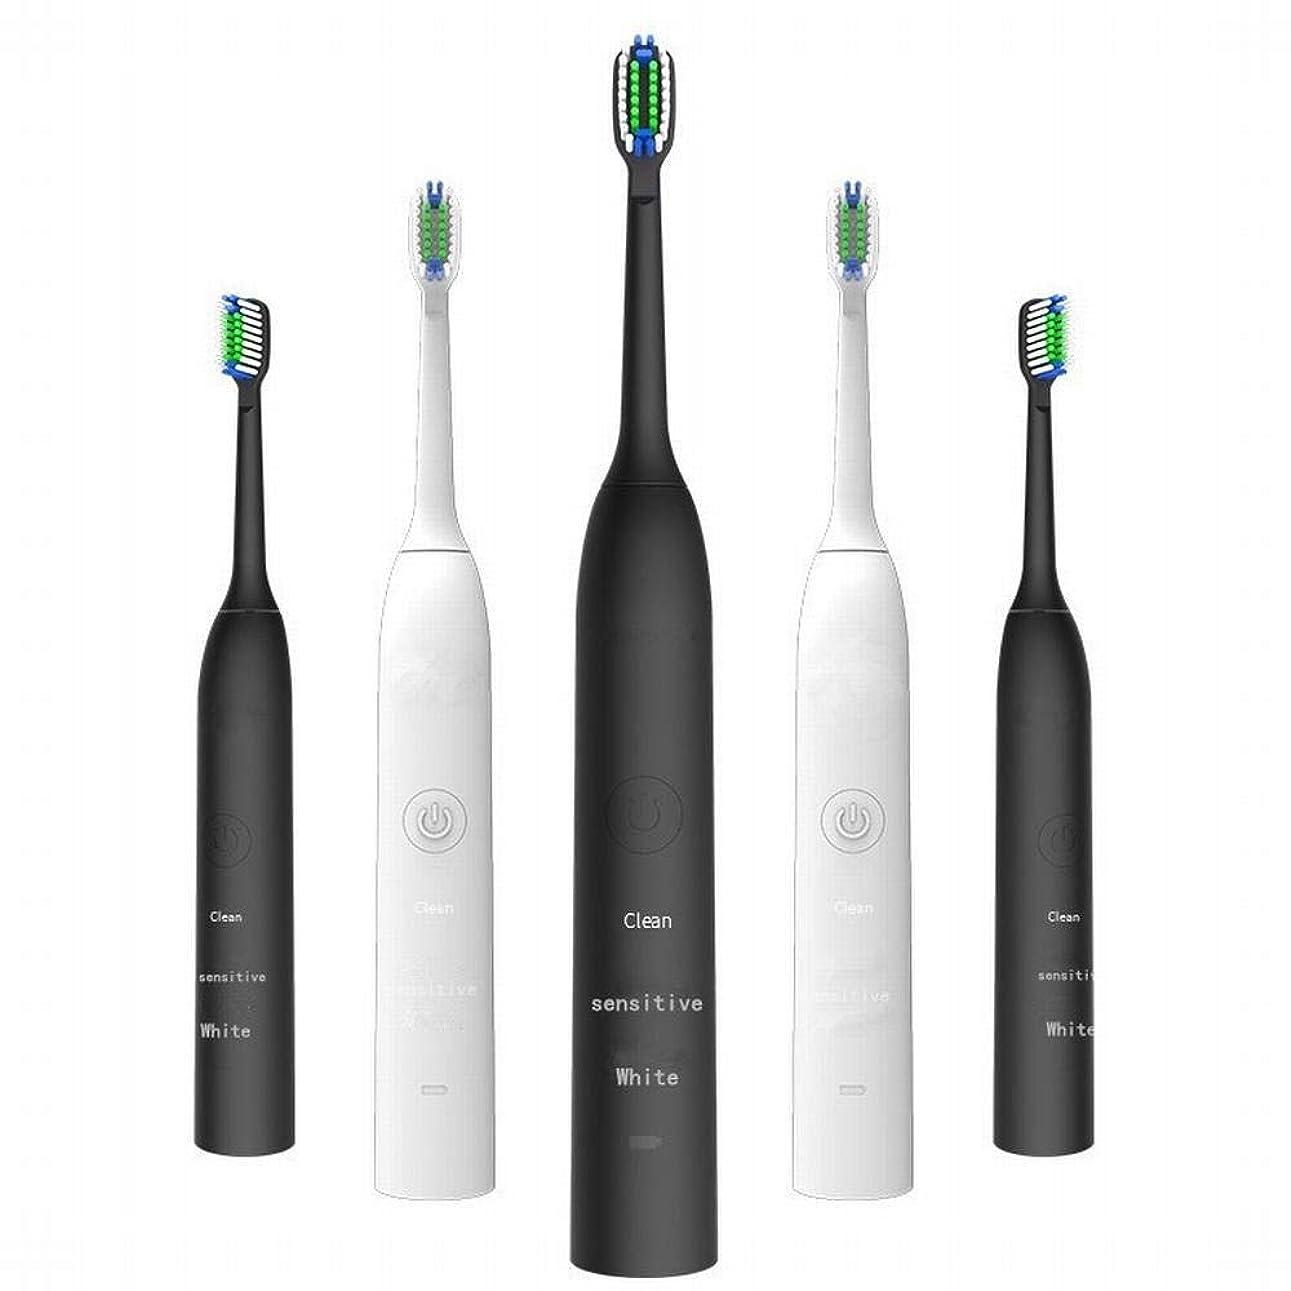 批判するアレルギー匹敵しますLKJASDHL 充電式電動歯ブラシ2つのブラシヘッドで3速度調整誘導充電音波振動歯ブラシキッズ電動歯ブラシ (色 : White)